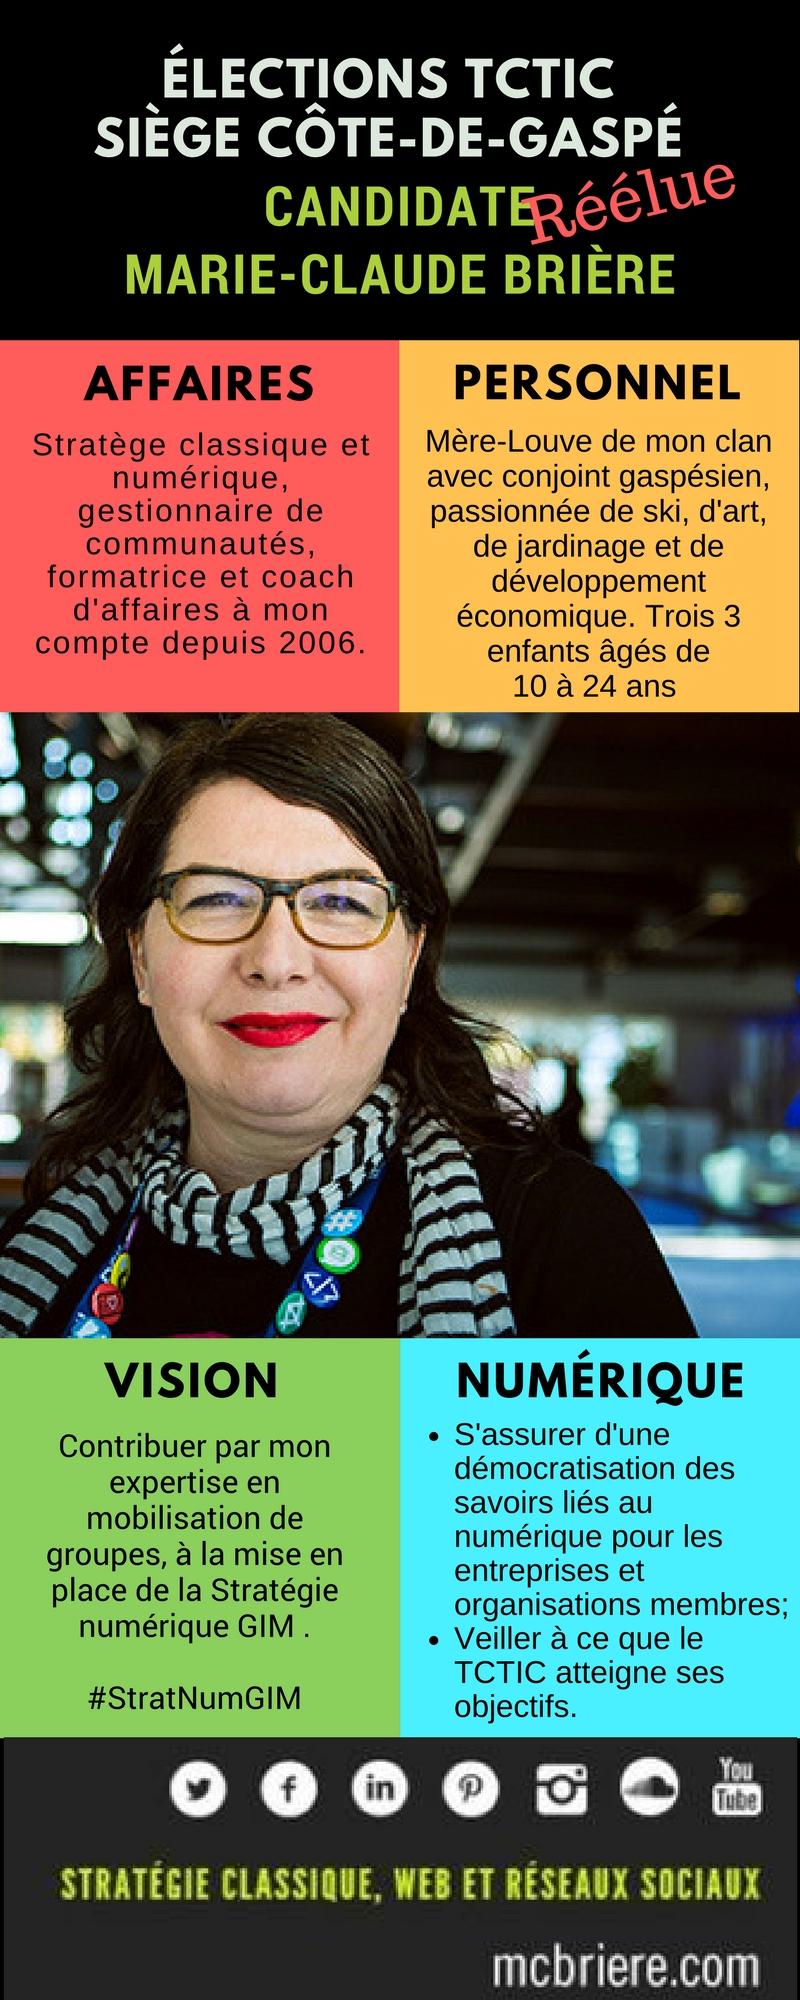 Dépliant de campagne mcbriere-CA TCTIC 2017